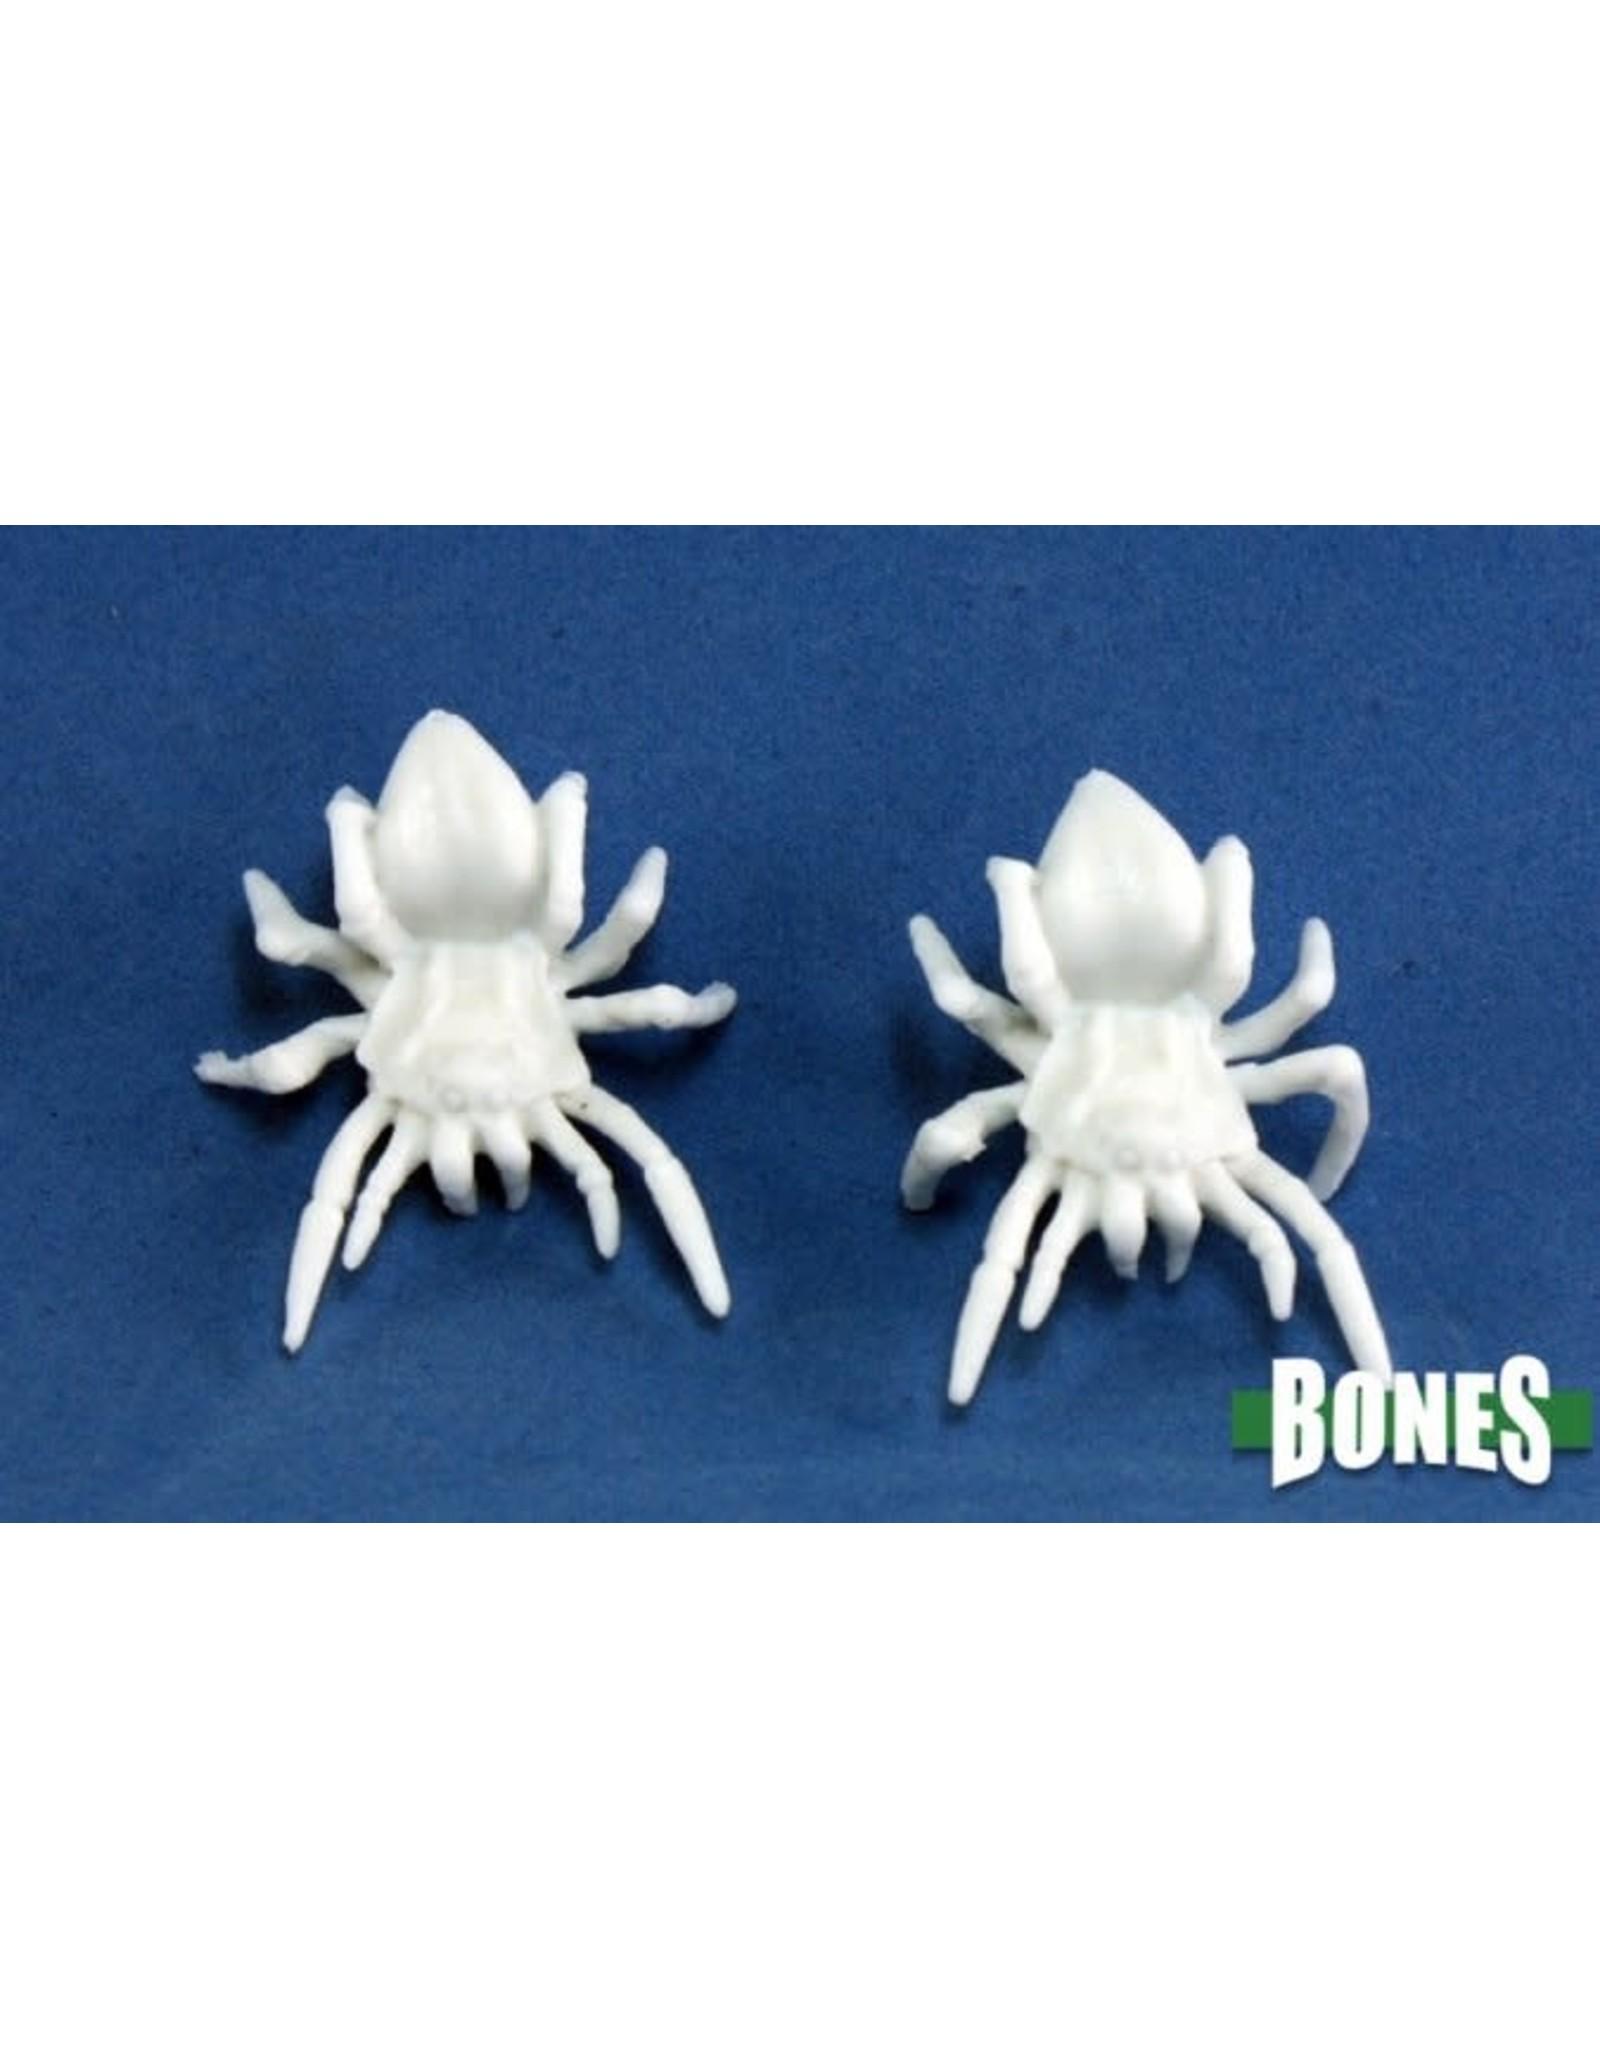 Reaper Bones: Vermin: Spiders (2)